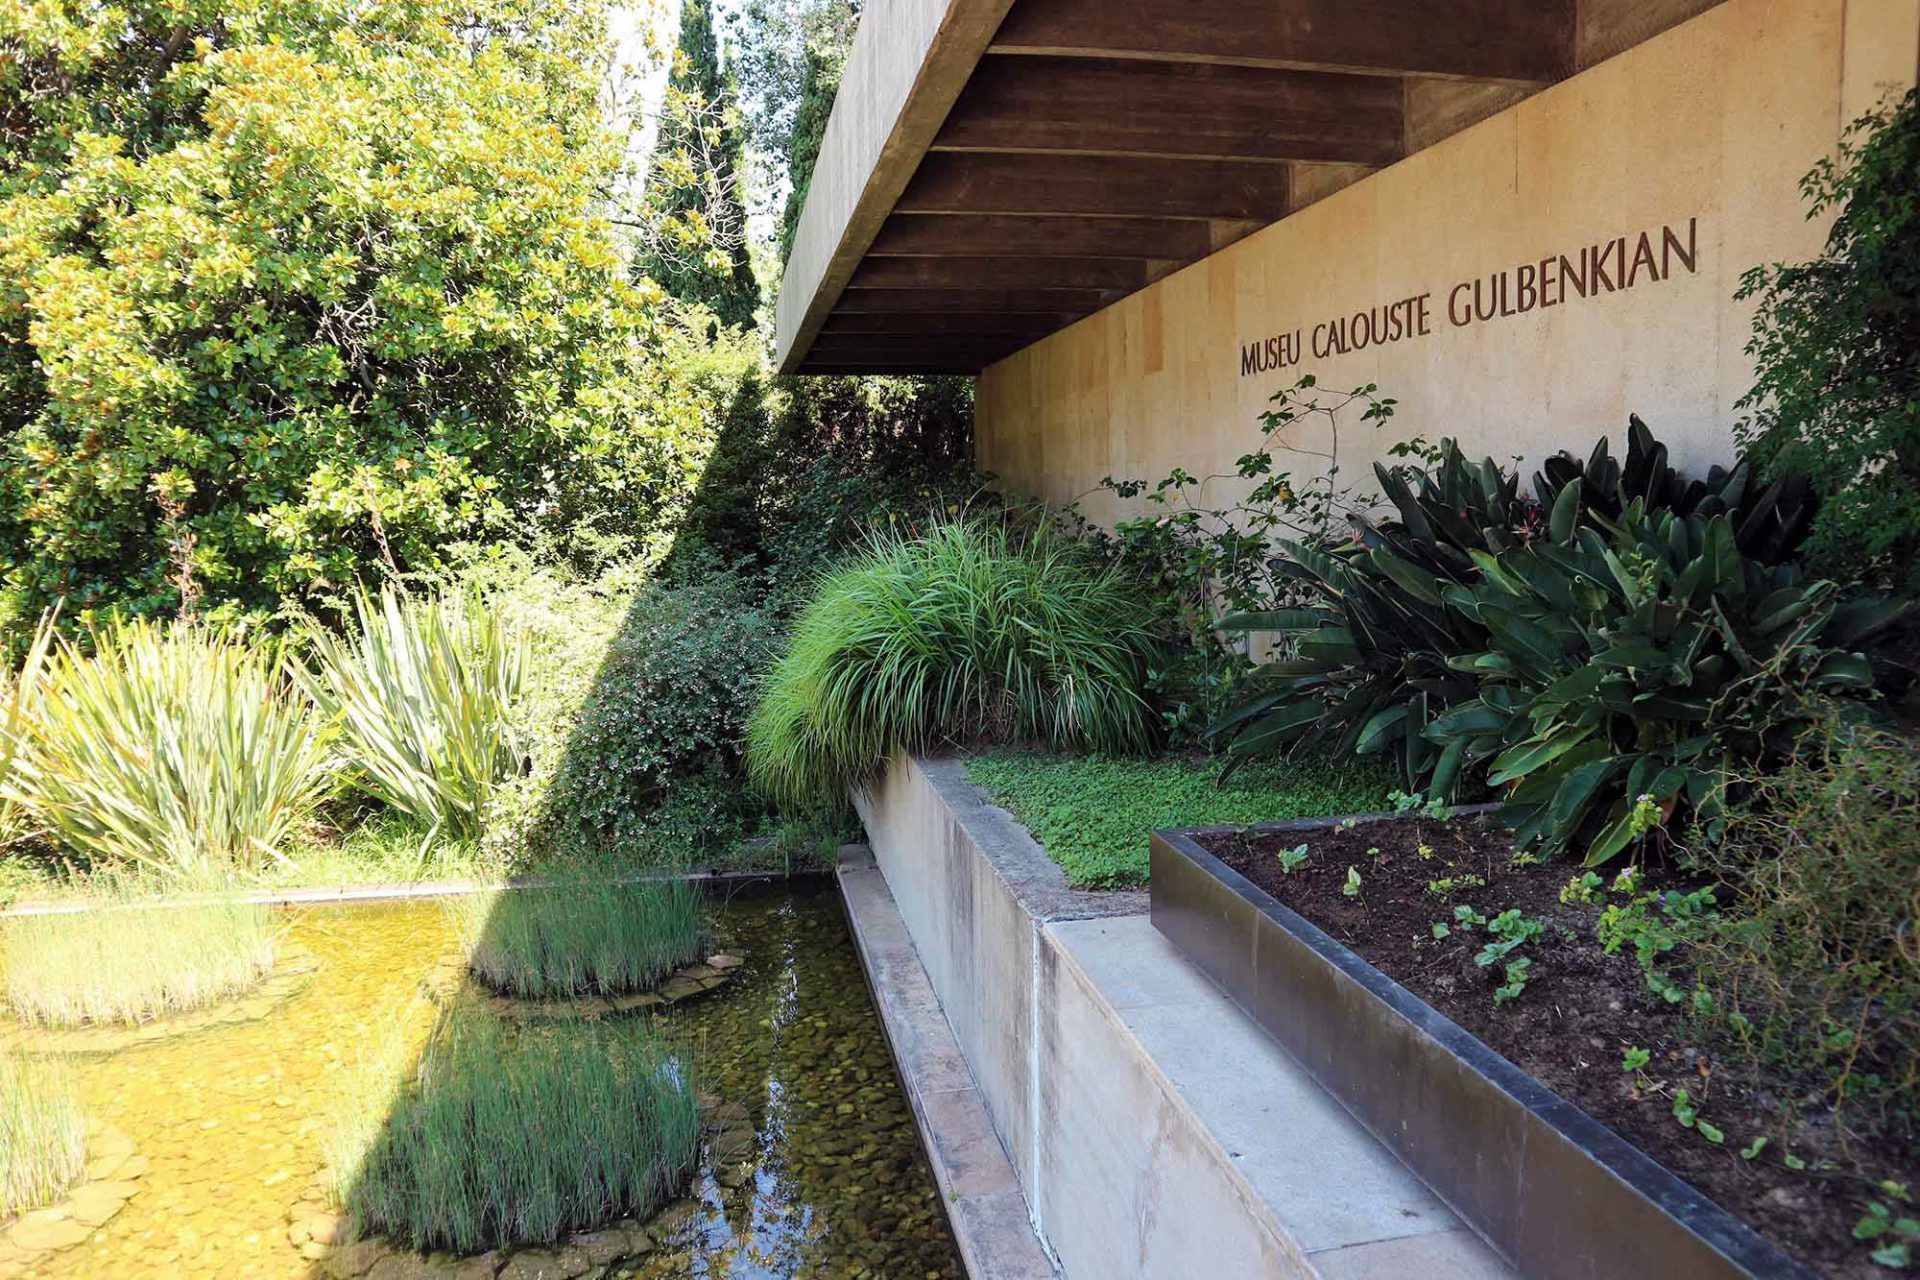 Das Museum. Das eigentliche Museum liegt im Westen des Parks und hat einen eigenen Haupteingang.